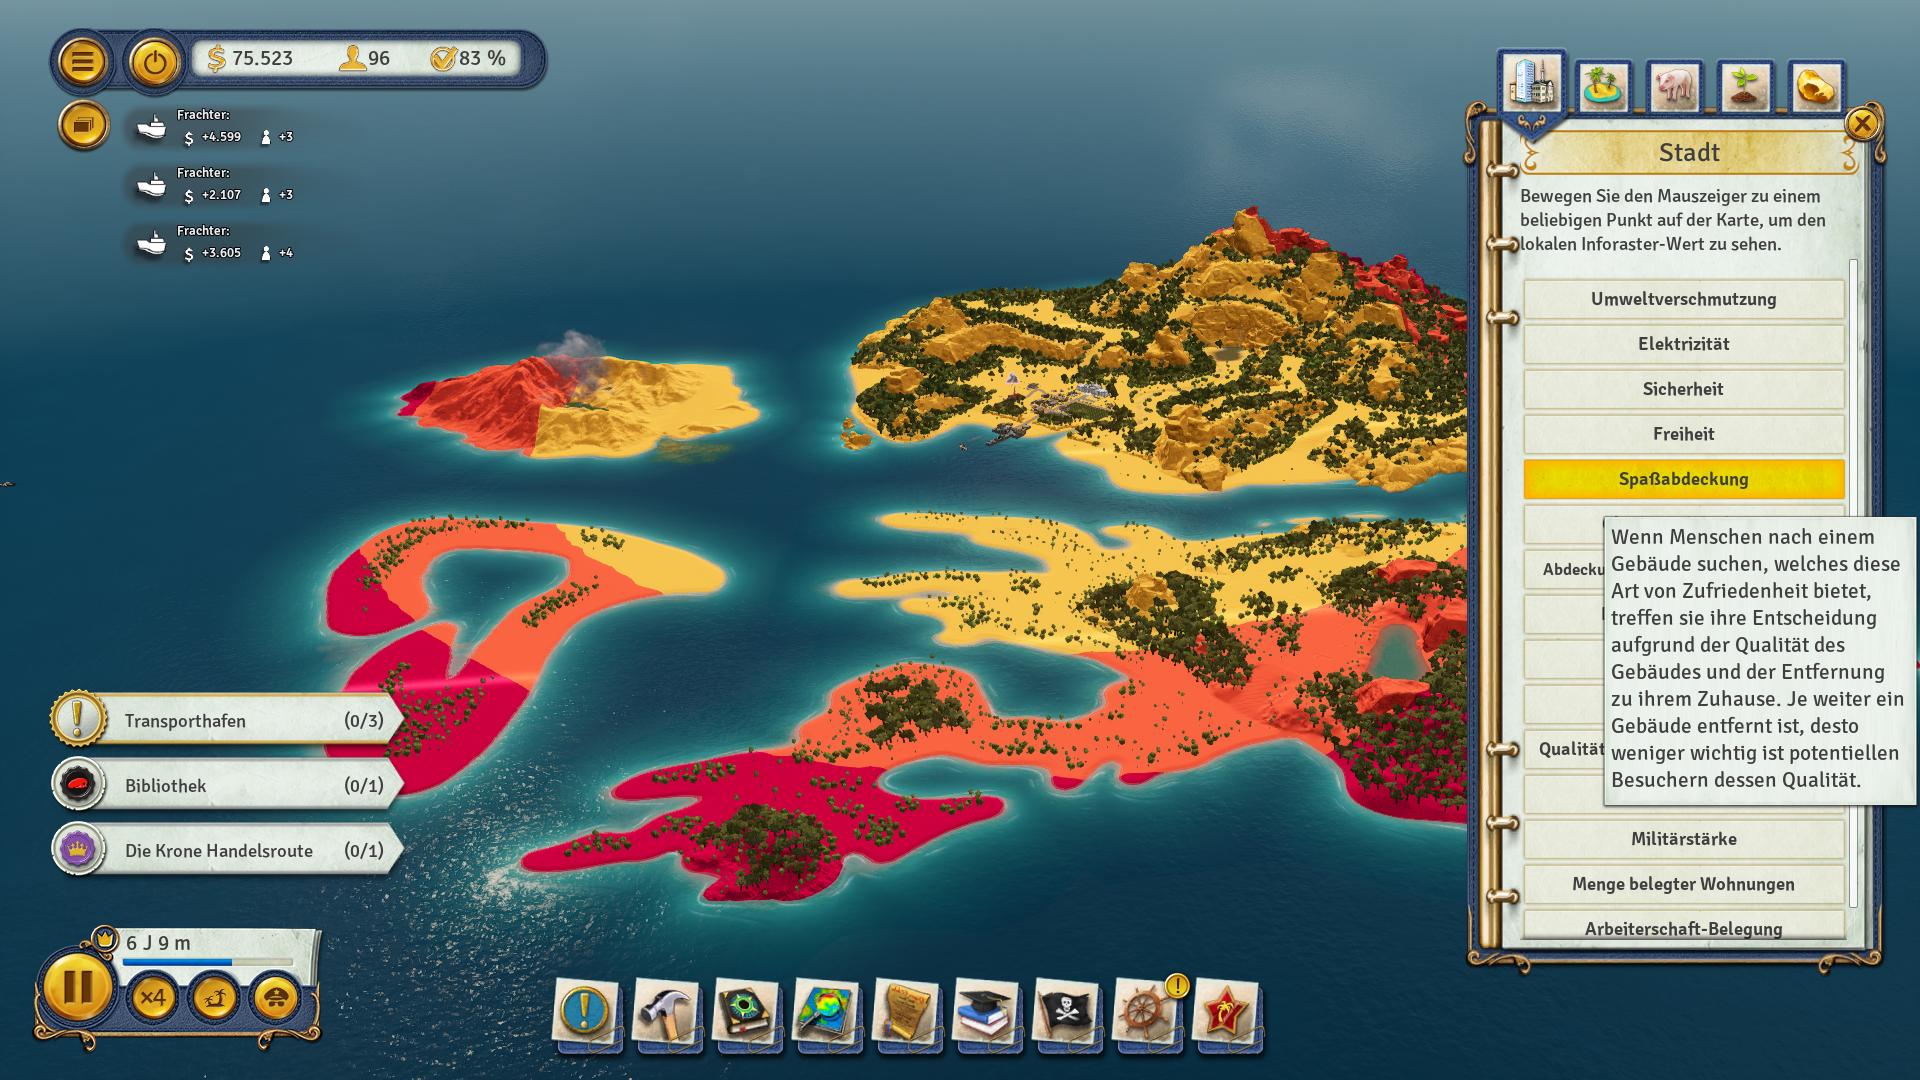 Tropico 6 im Test: Wir basteln eine Bananenrepublik - Mit farblichen Overlays analysieren wir die Lage auf unseren Inseln. (Bild: Kalypso Media/Screenshot: Golem.de)